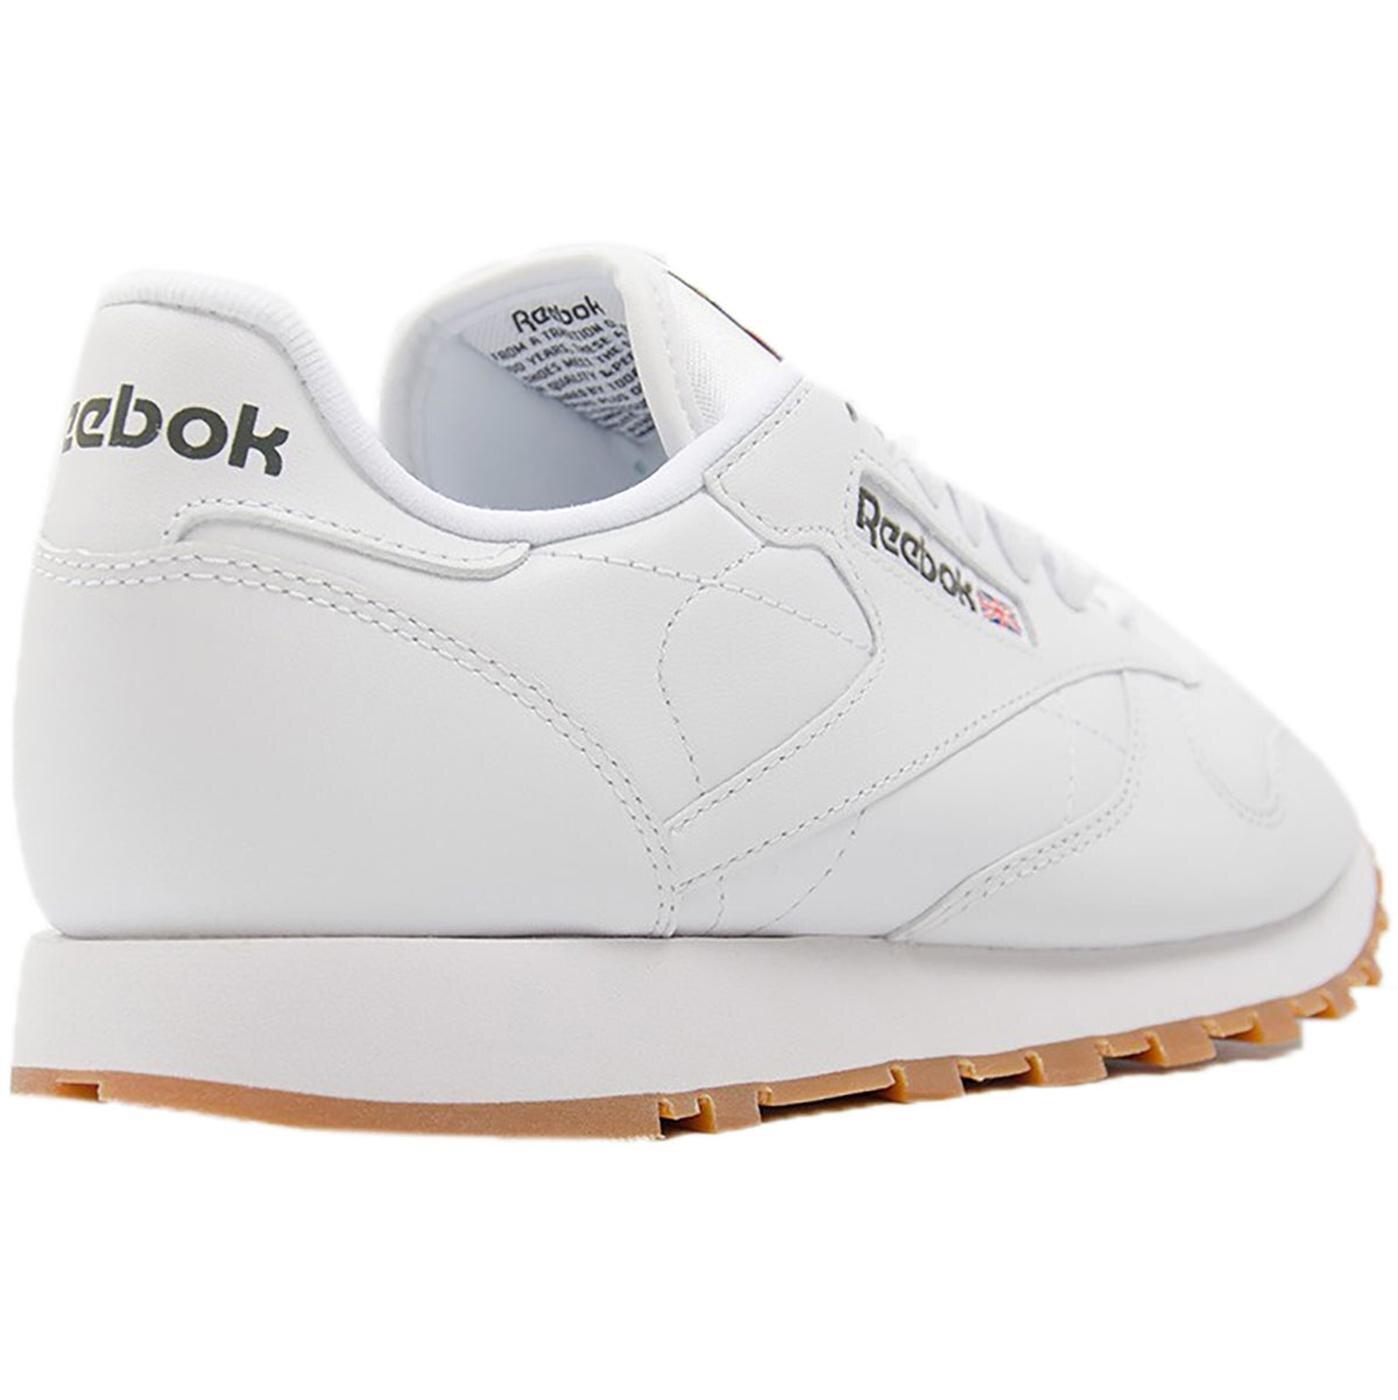 Classic Leather Erkek Beyaz Spor Ayakkabı (49799)